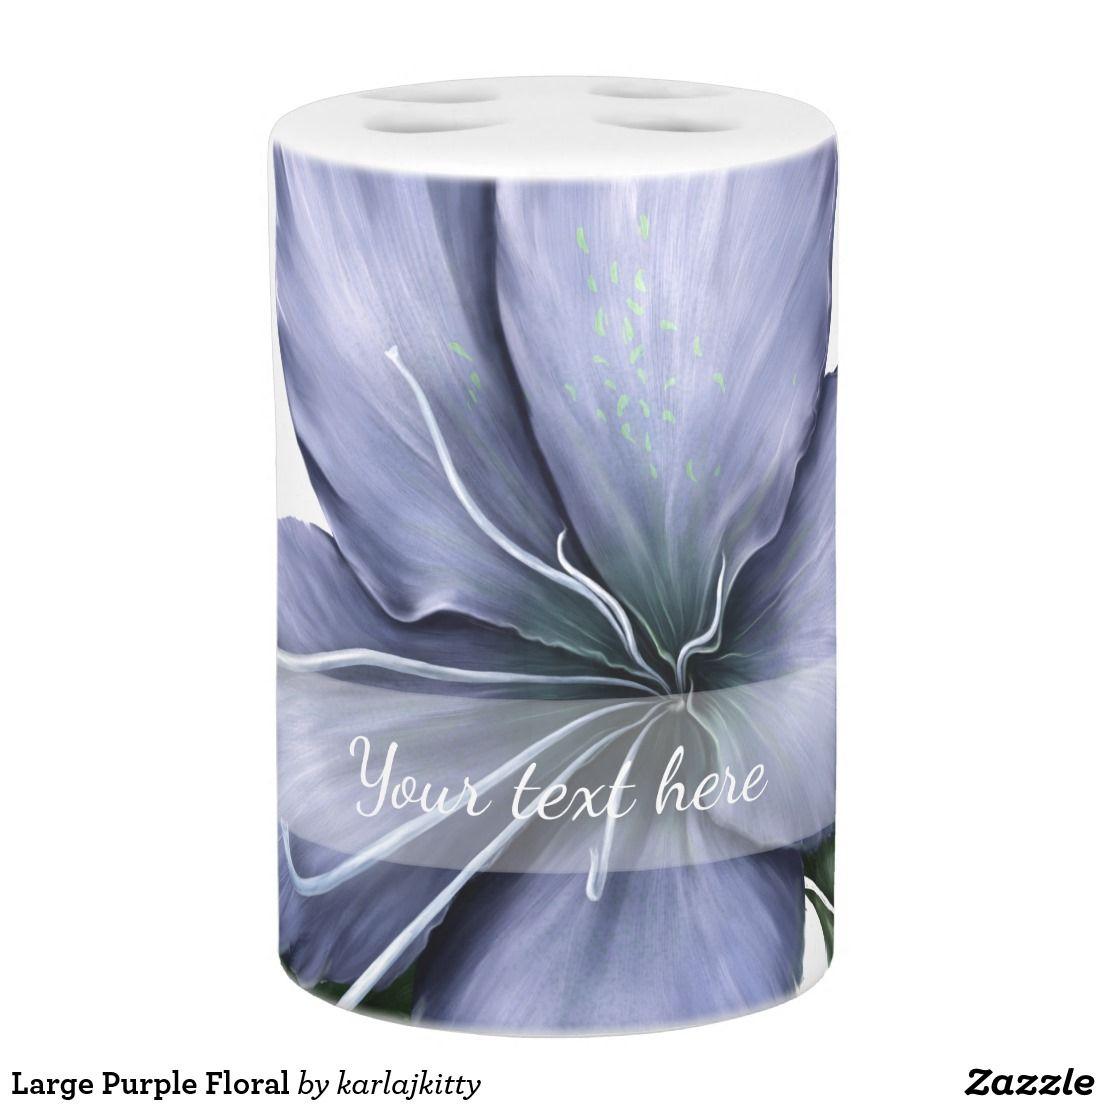 Large Purple Floral Bath Set | Pinterest | Bath